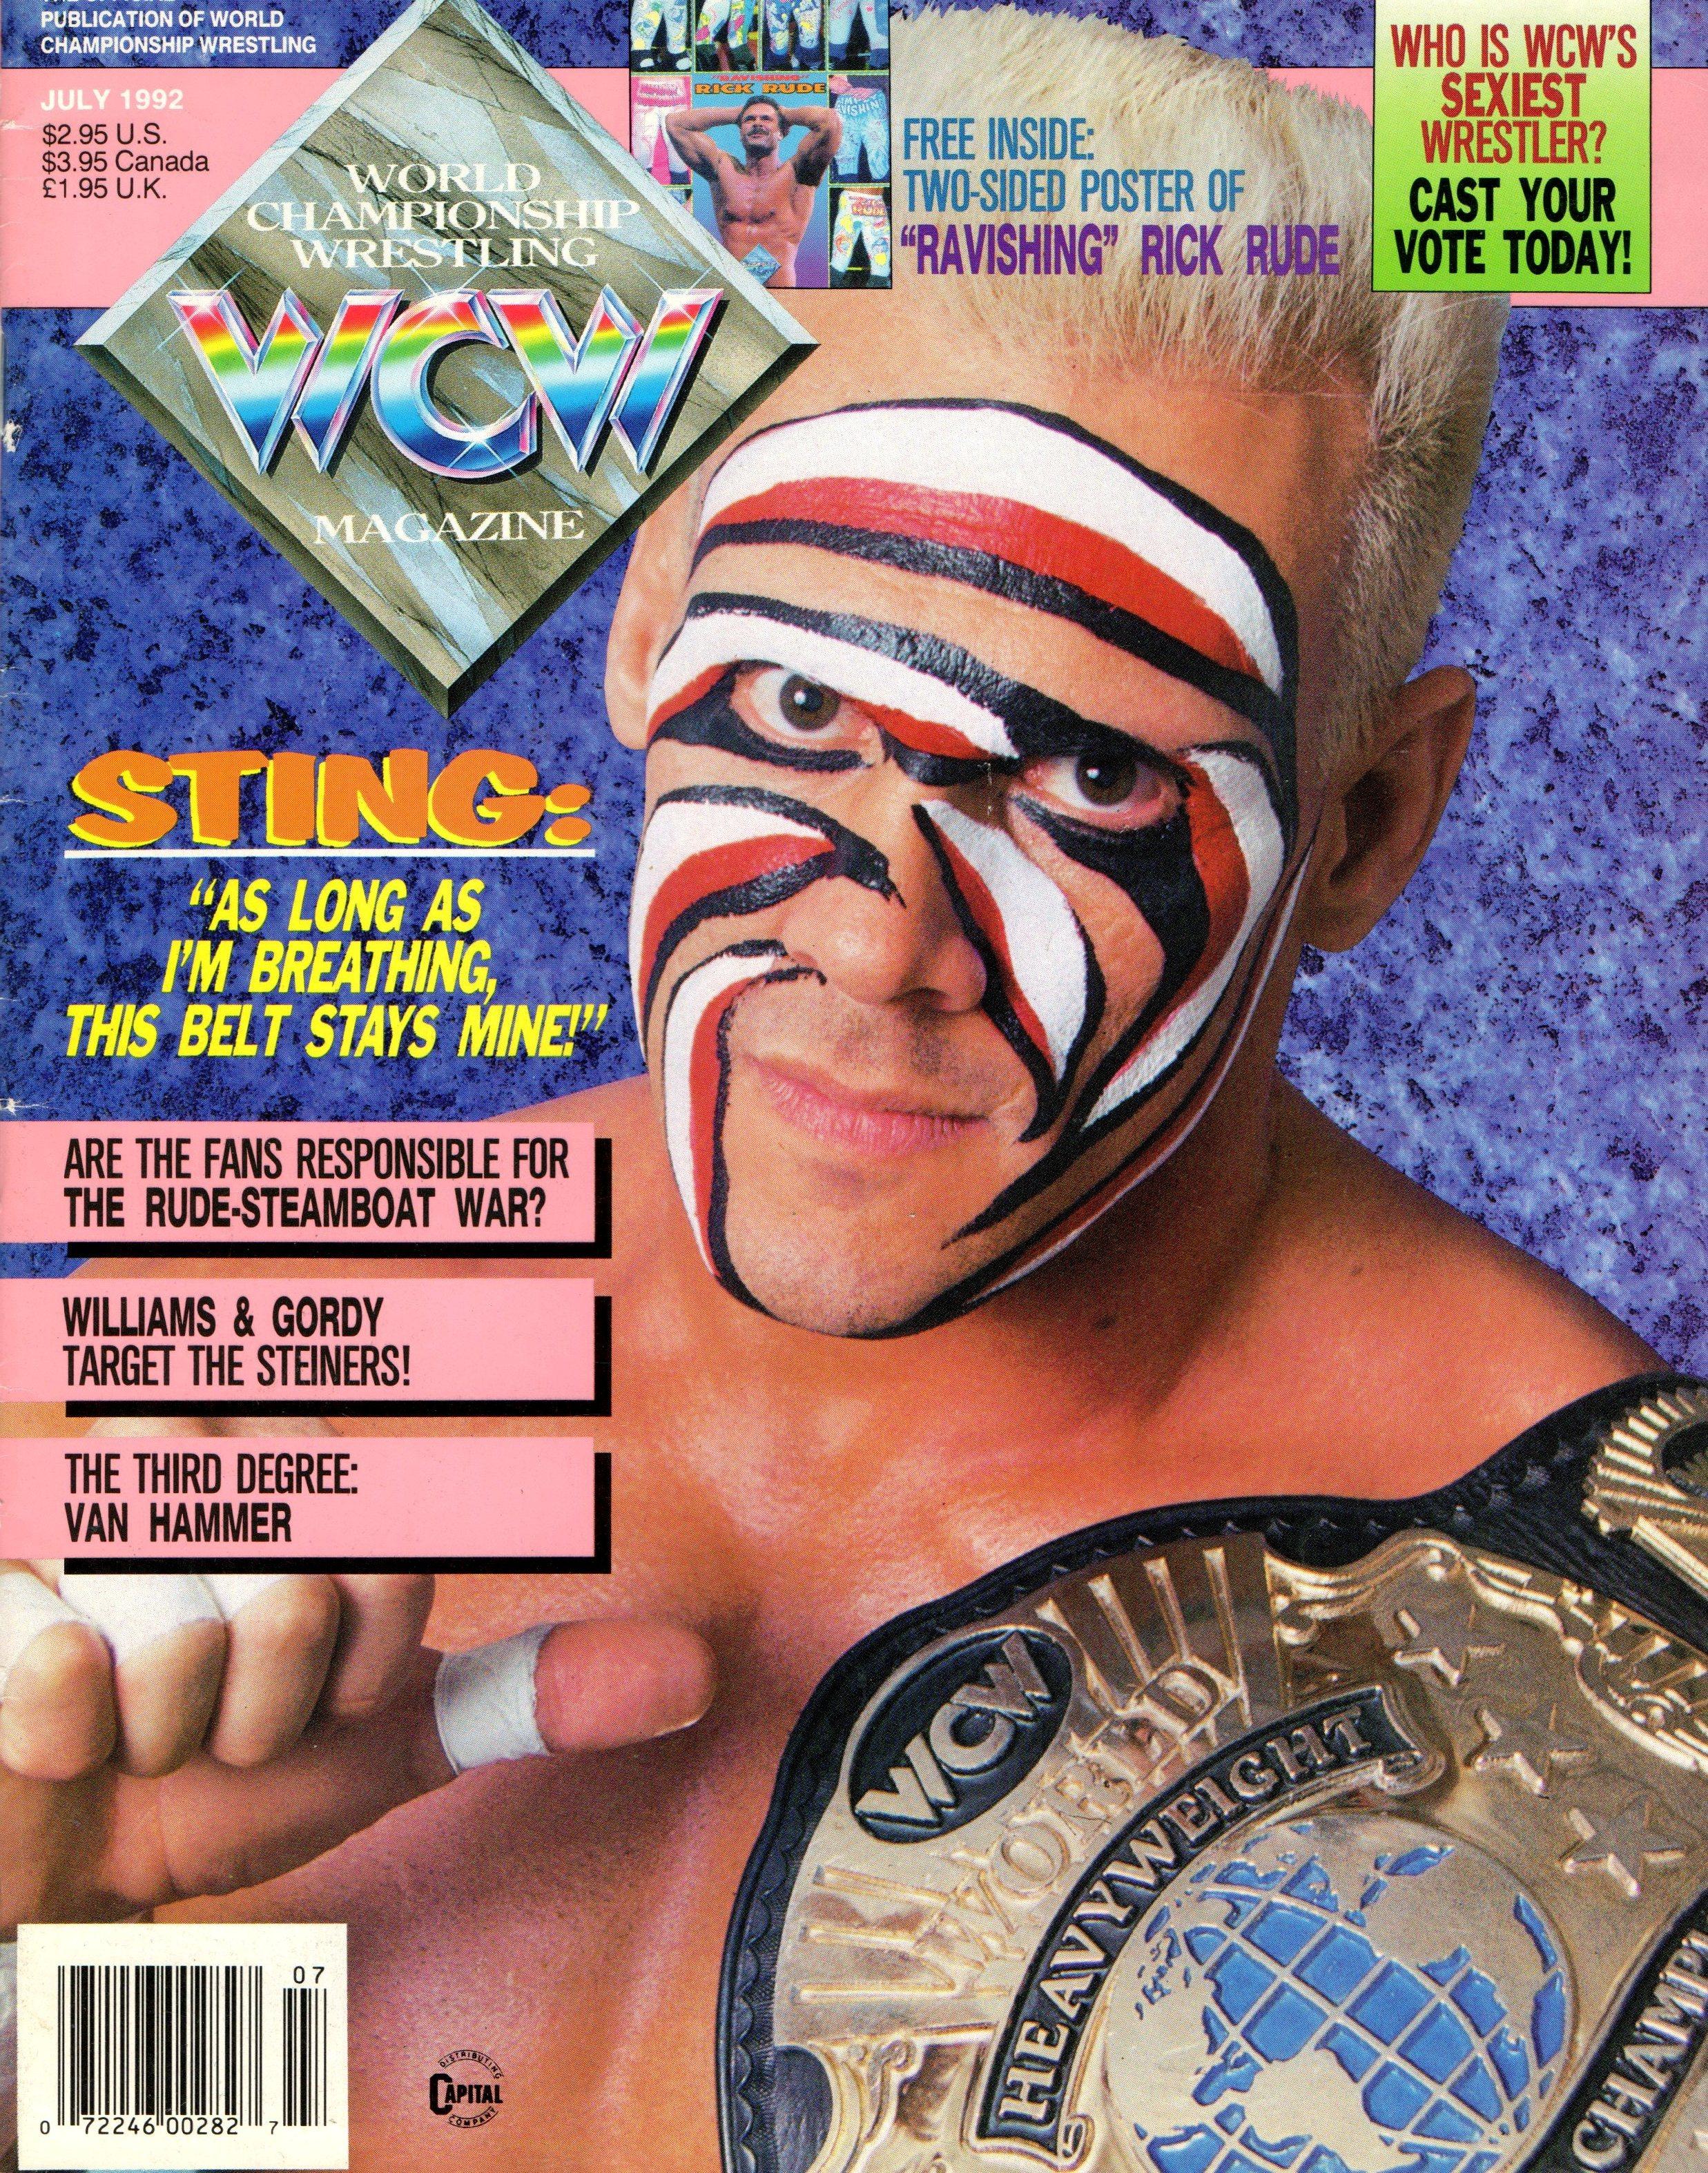 WCW Magazine July 1992